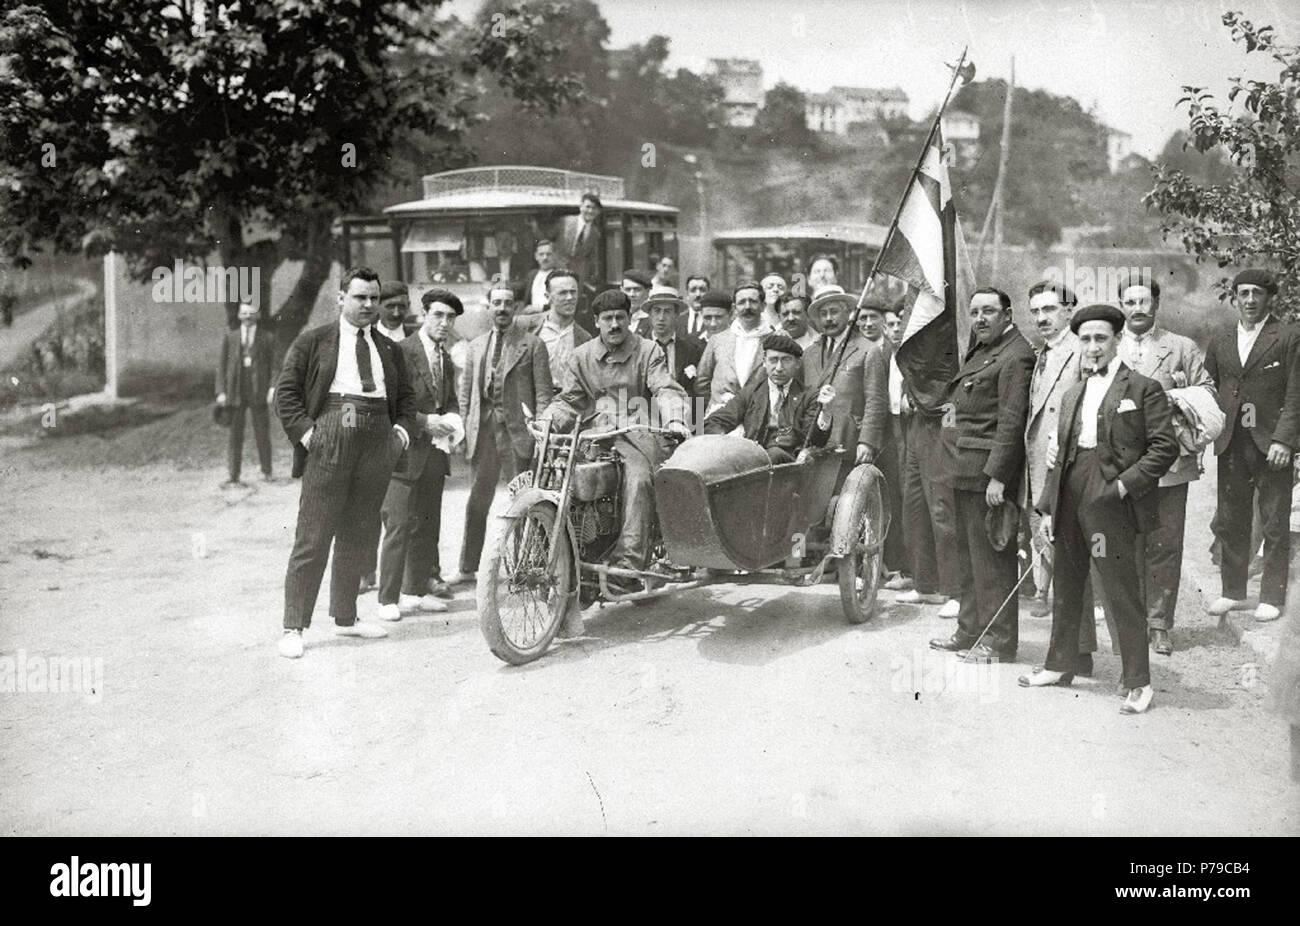 Español: Título original: Hombres montados en una moto con sidecar por las calles de Hernani (2/2) Localización: Hernani (Guipúzcoa)  . 1921 37 Hombres montados en una moto con sidecar por las calles de Hernani (2 de 2) - Fondo Car-Kutxa Fototeka - Stock Image